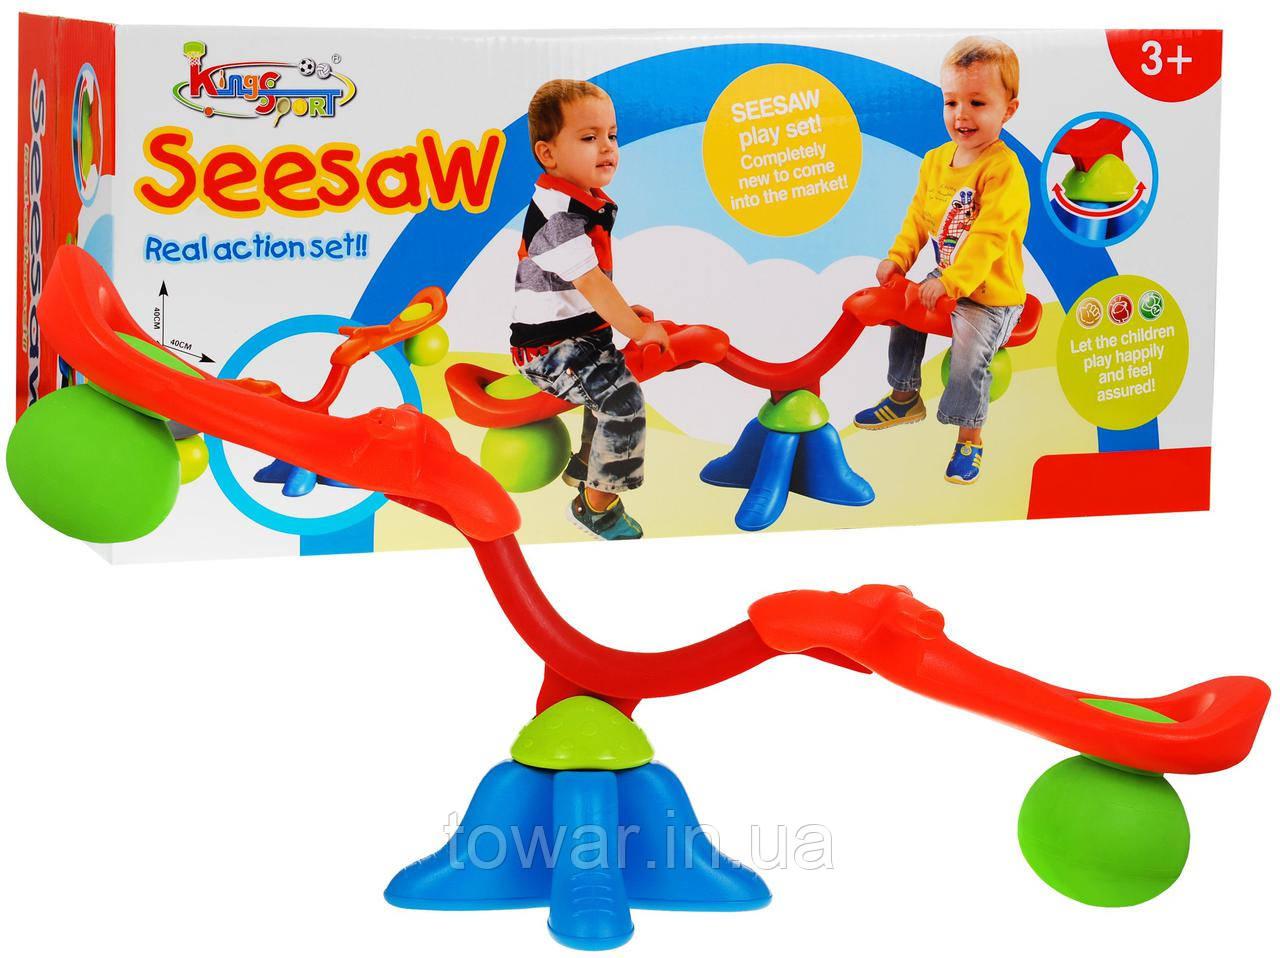 Детская качеля для двоих для сада и дома Seesaw Польша